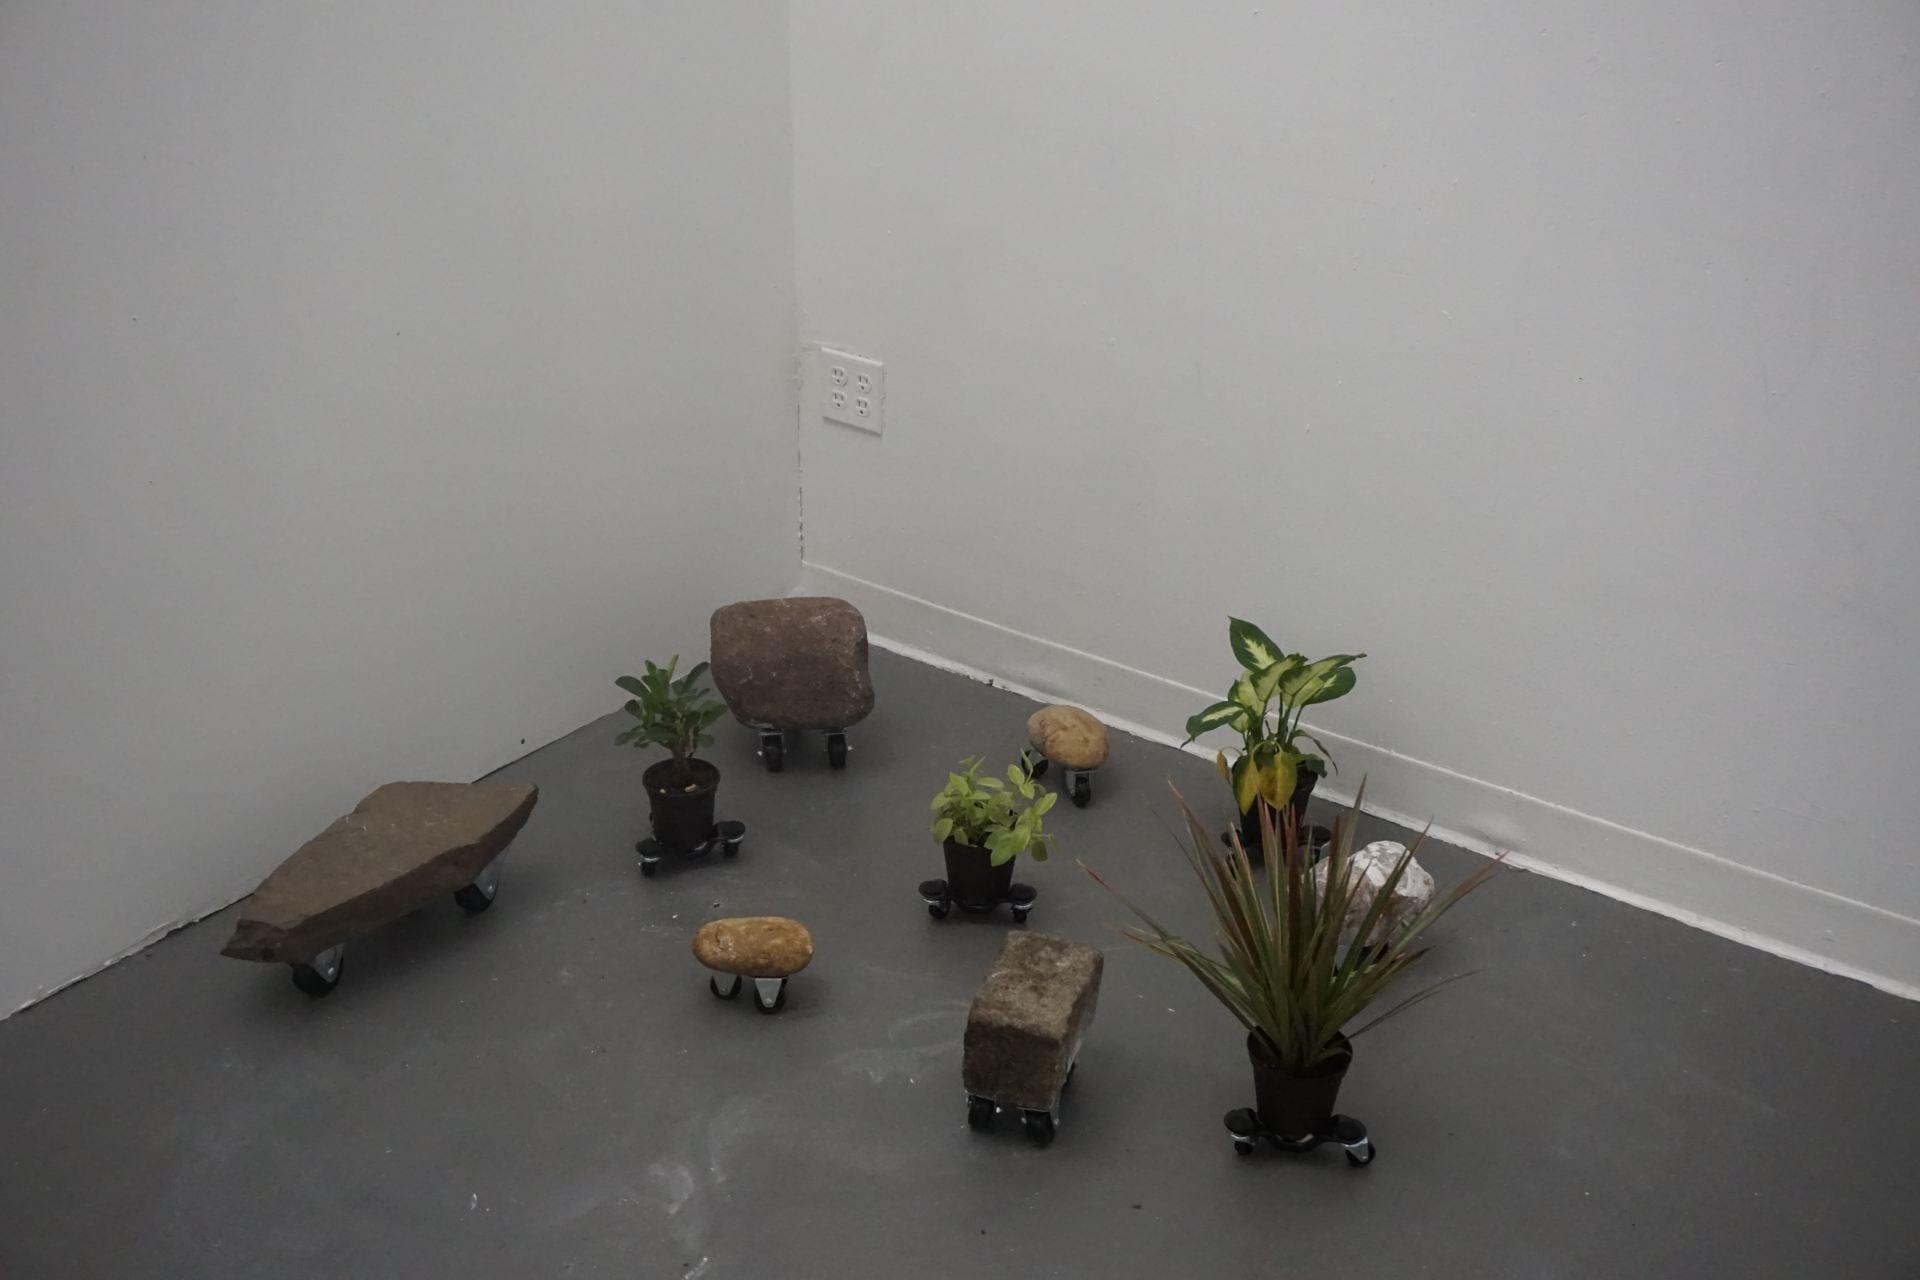 Mobile Garden – Interactive Sculpture